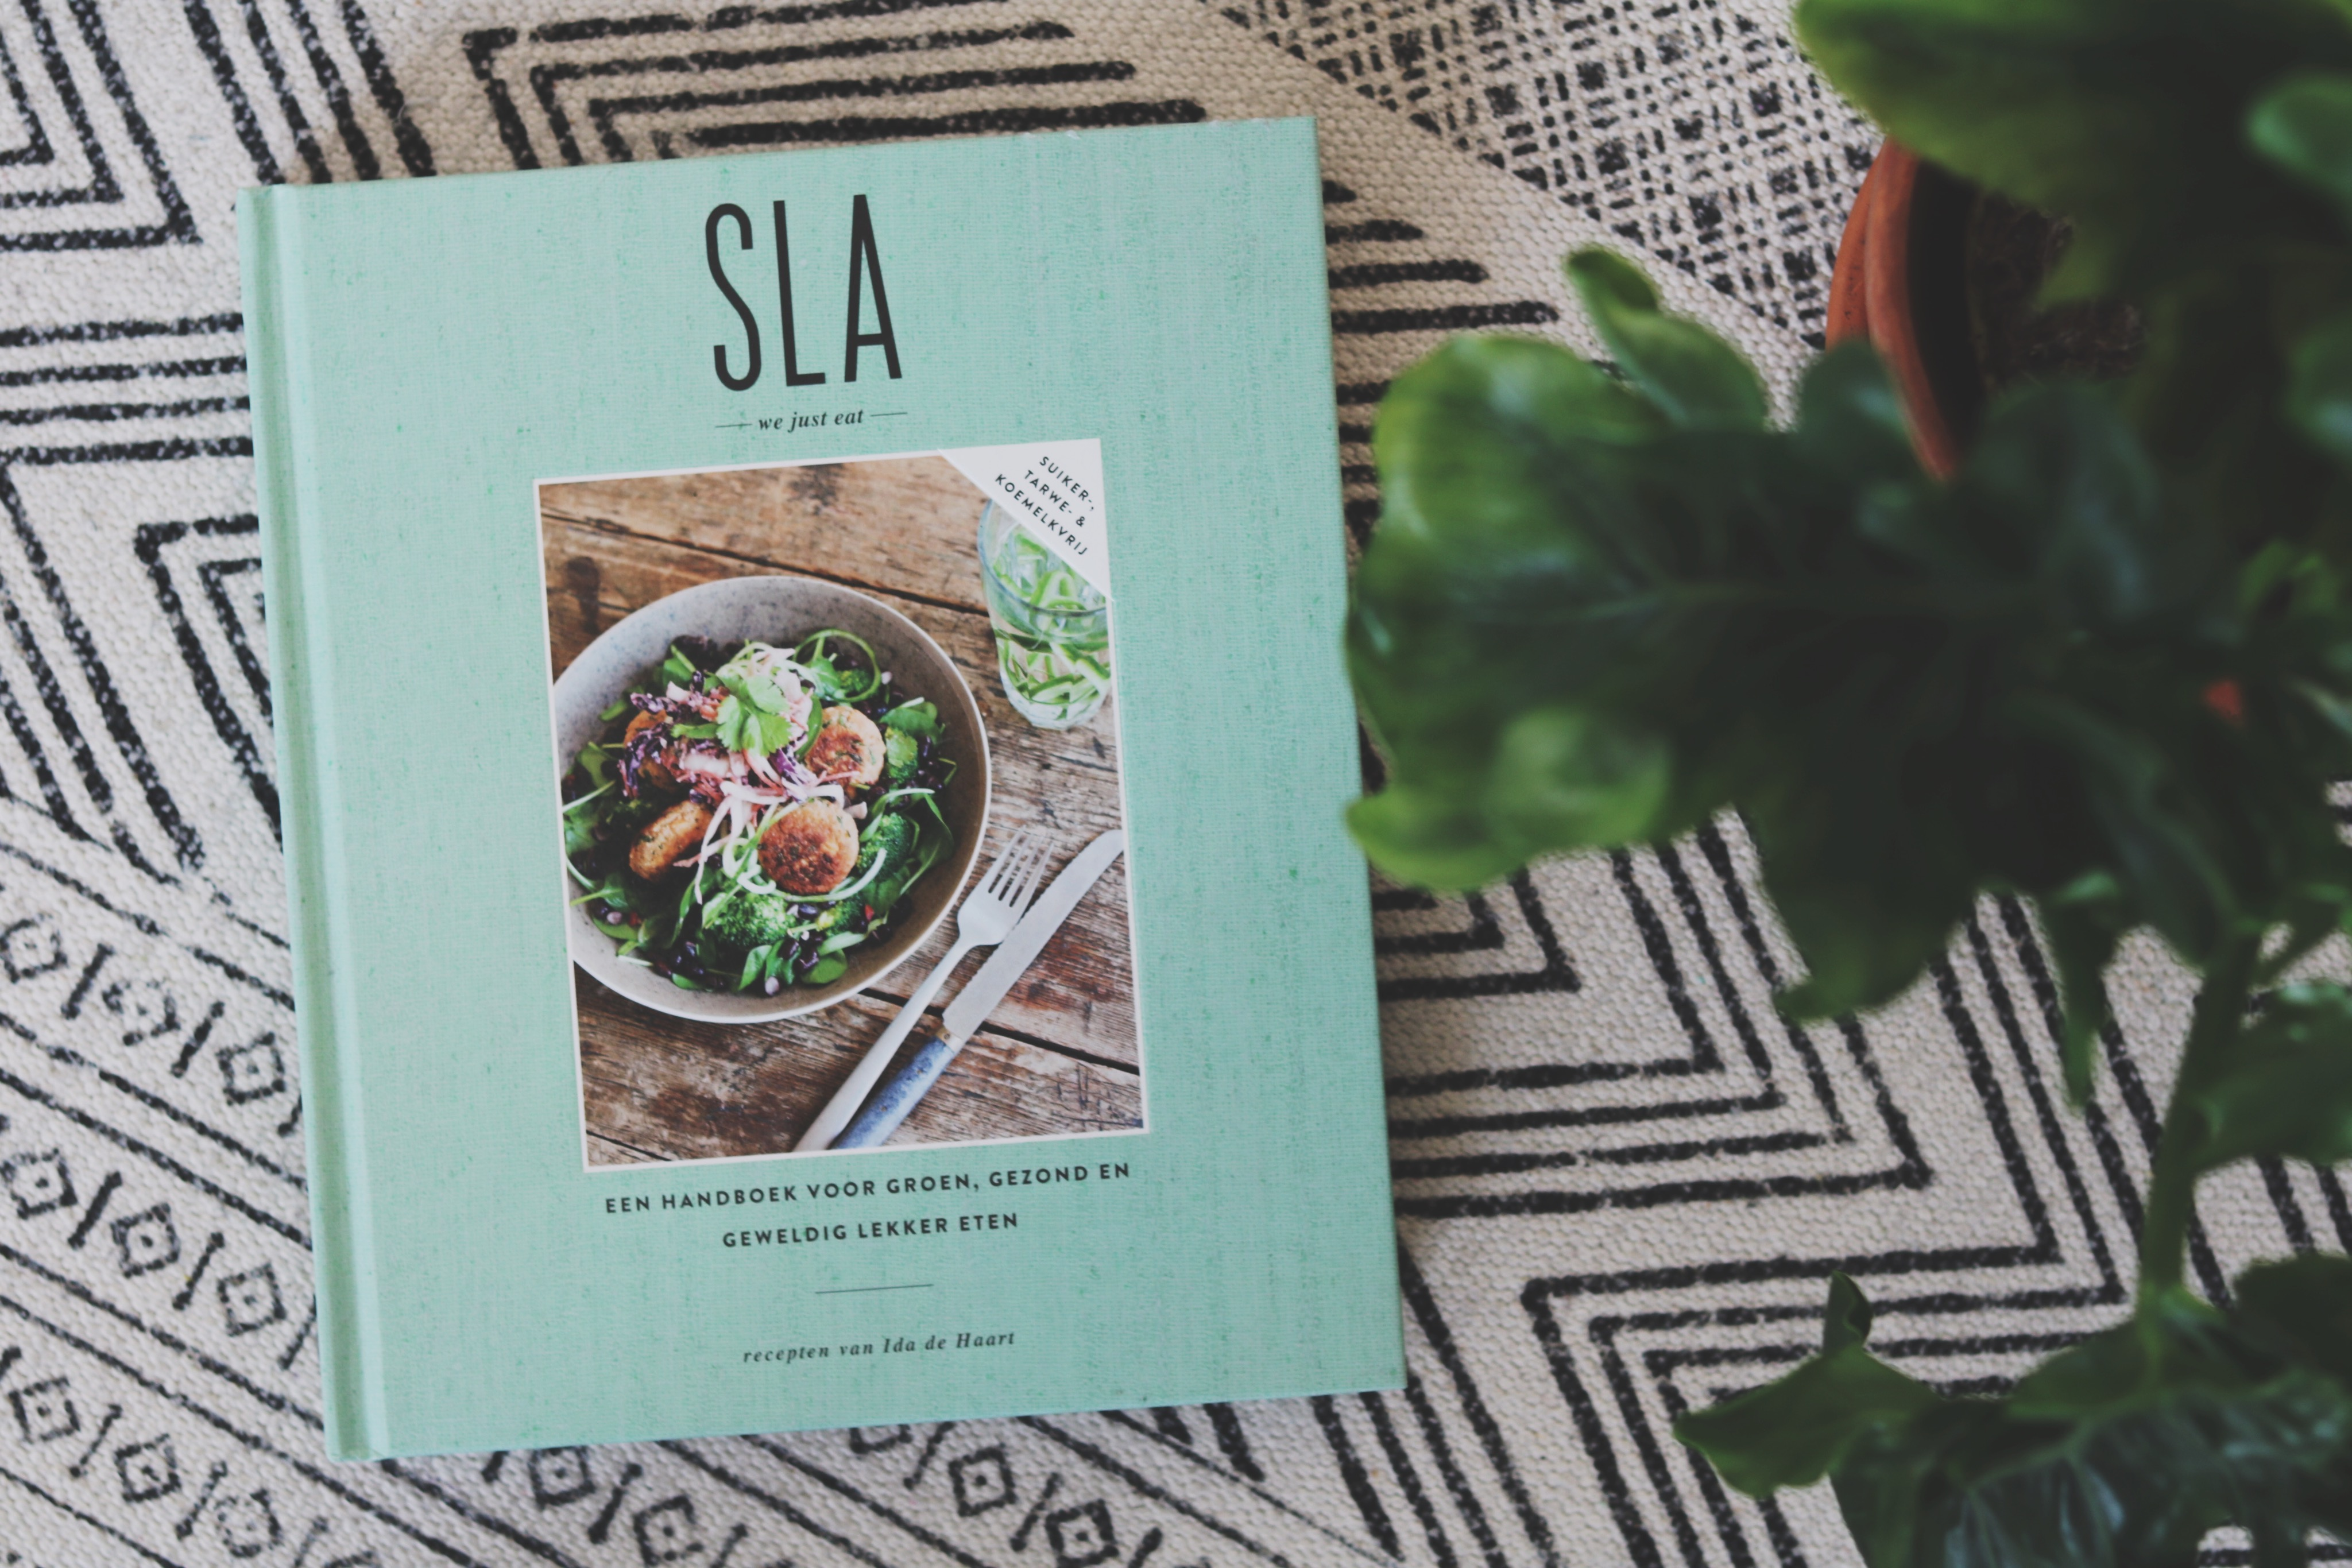 Gezond Eten Leven Boeken - 1 (1)